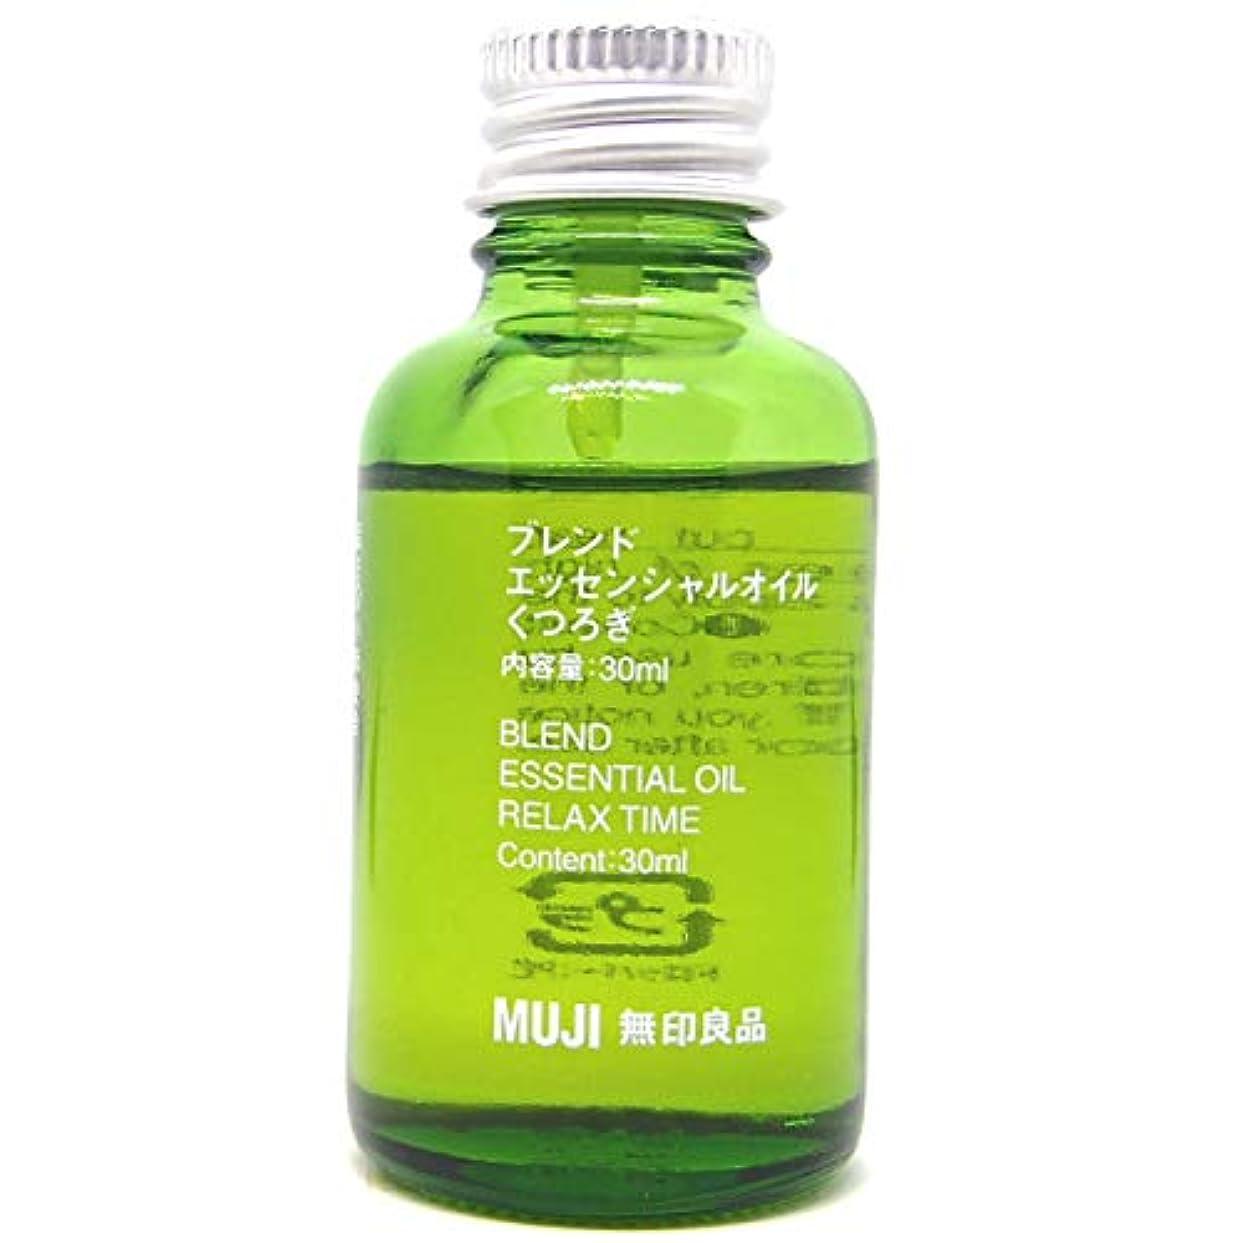 シェーバー夜サンダース【無印良品】エッセンシャルオイル30ml(くつろぎ)